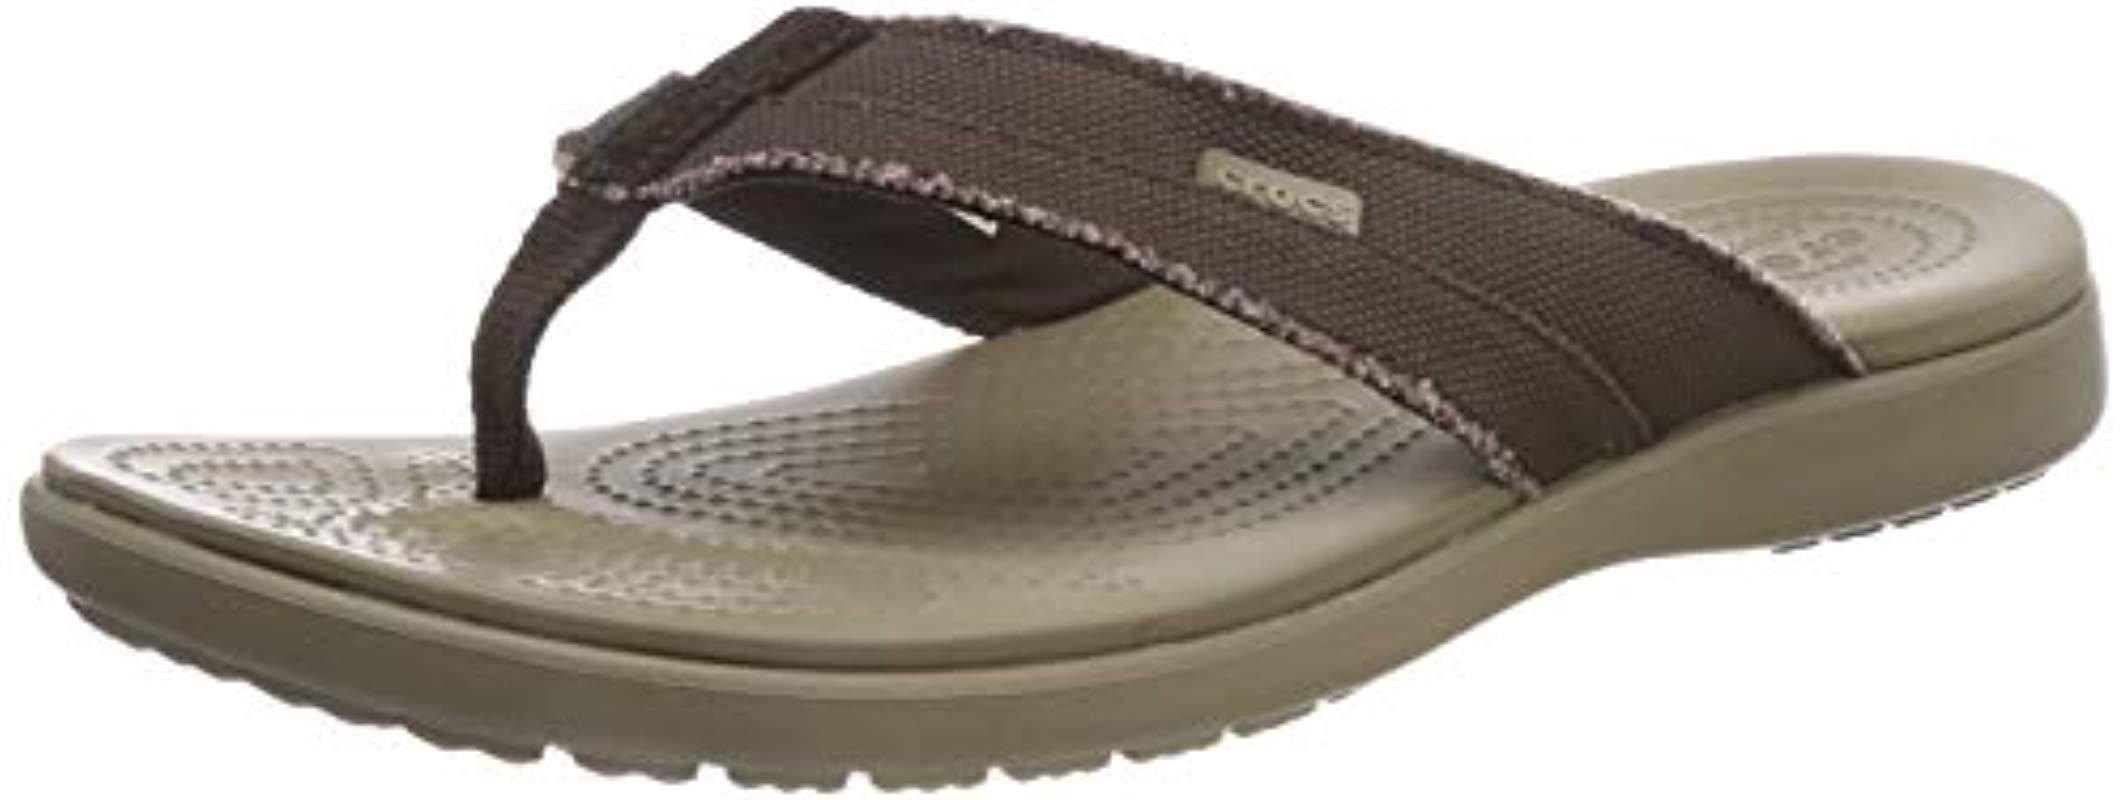 cf80e8f6ef34 Lyst - Crocs™ Santa Cruz Canvas Flip Flop in Natural for Men